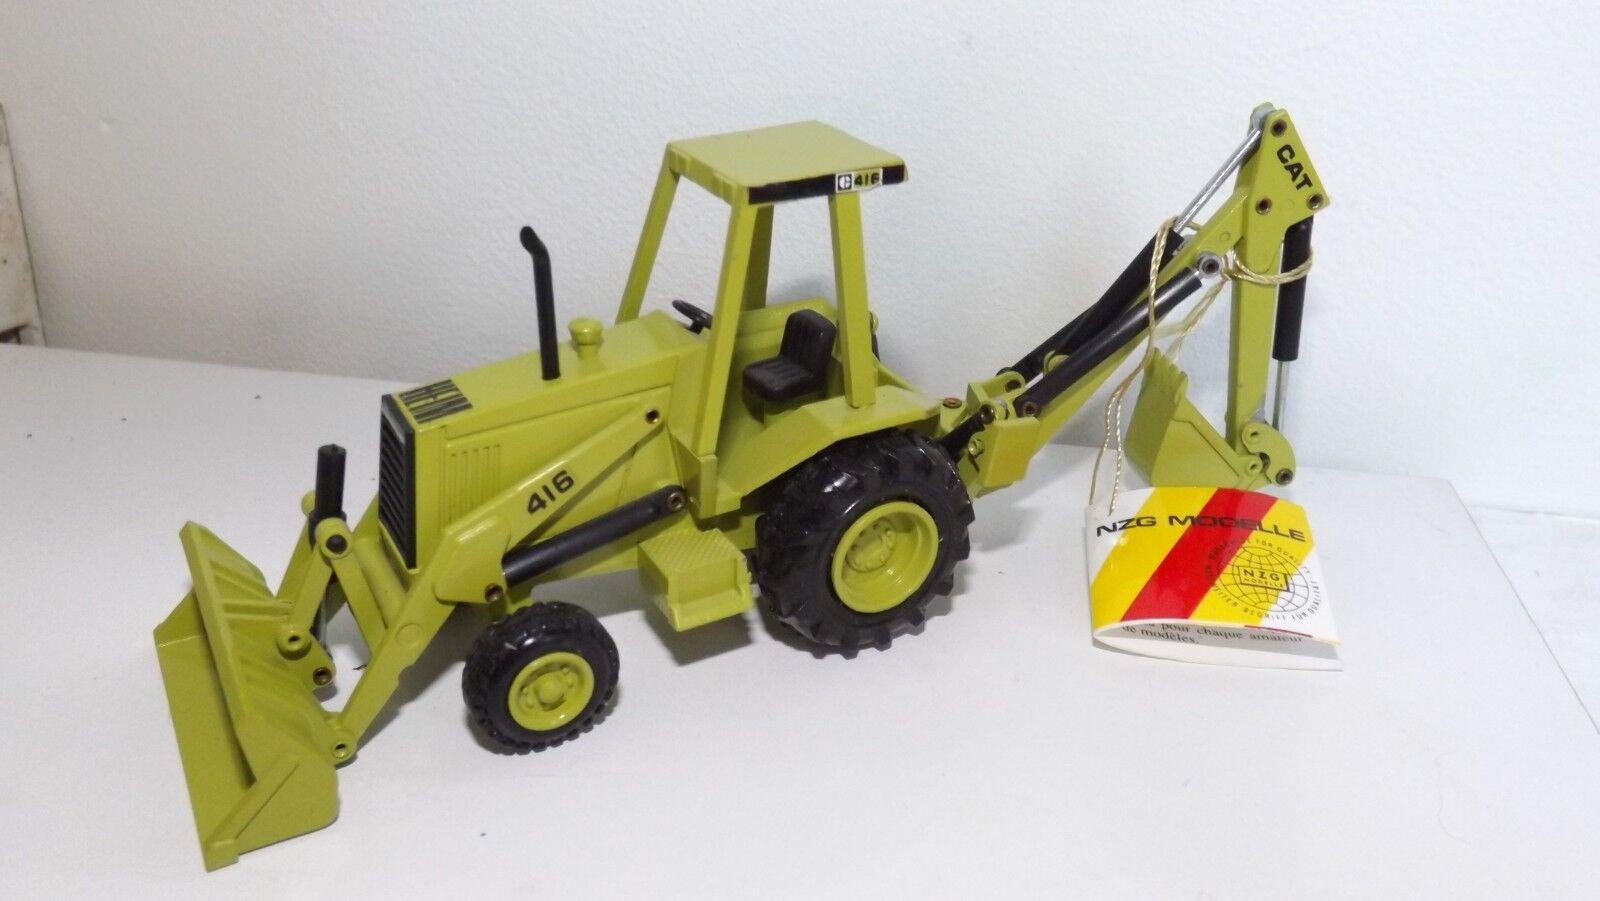 Rare NZG no 285 CAT 416 Heim Backhoe Loader digger, excavator. Conrad Gescha